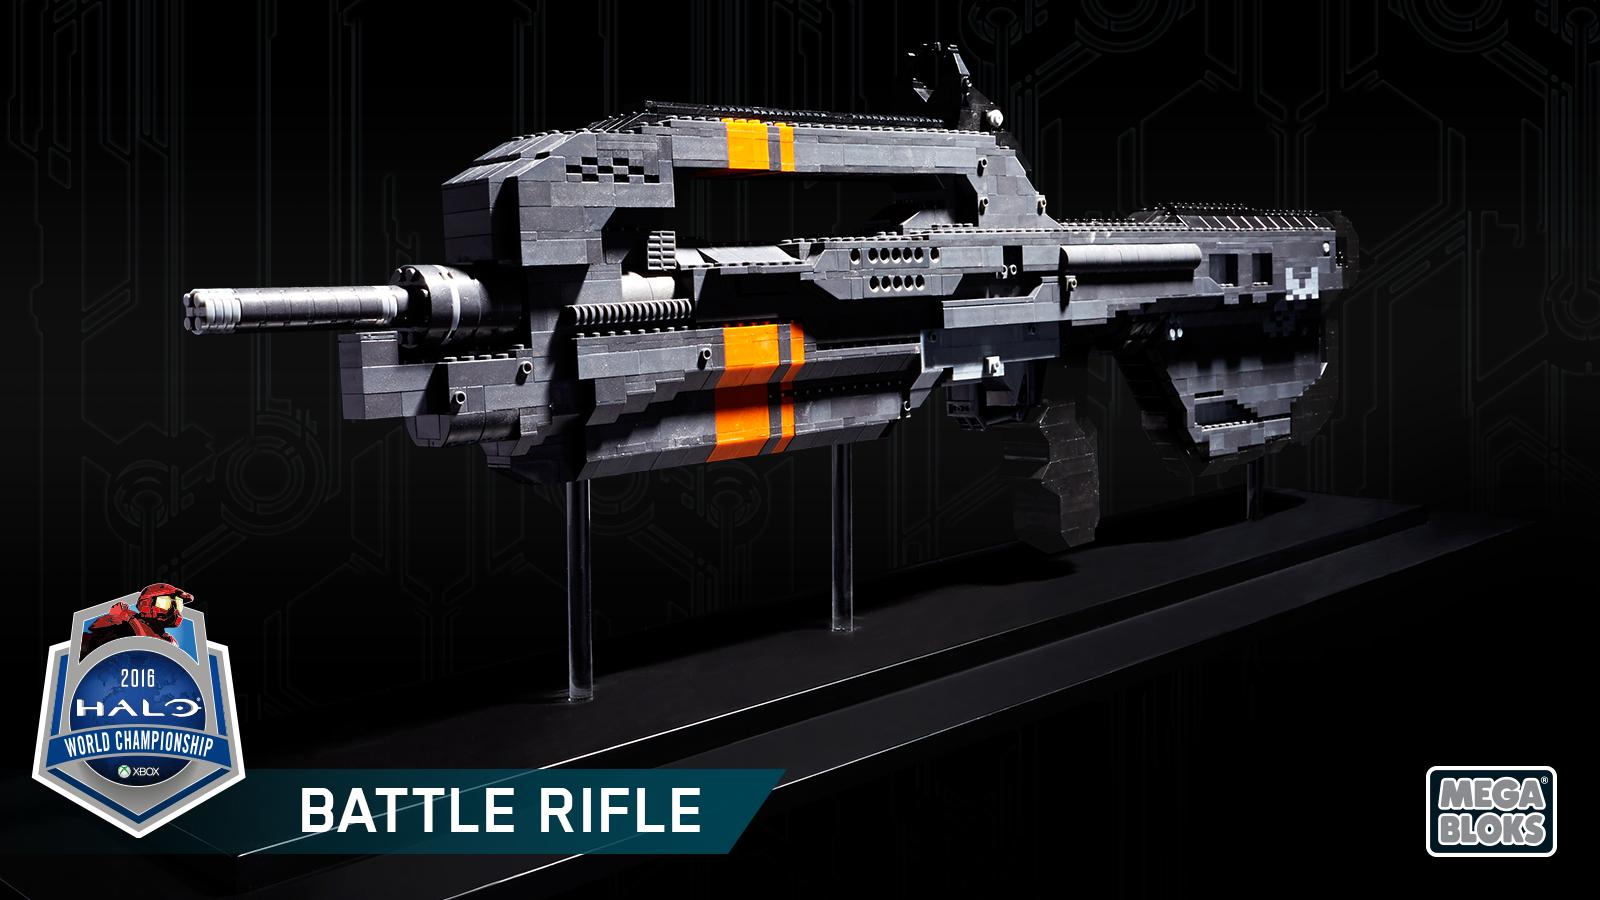 halo_gun_onrack_prize-89371902a3524c698239596690ea58c1